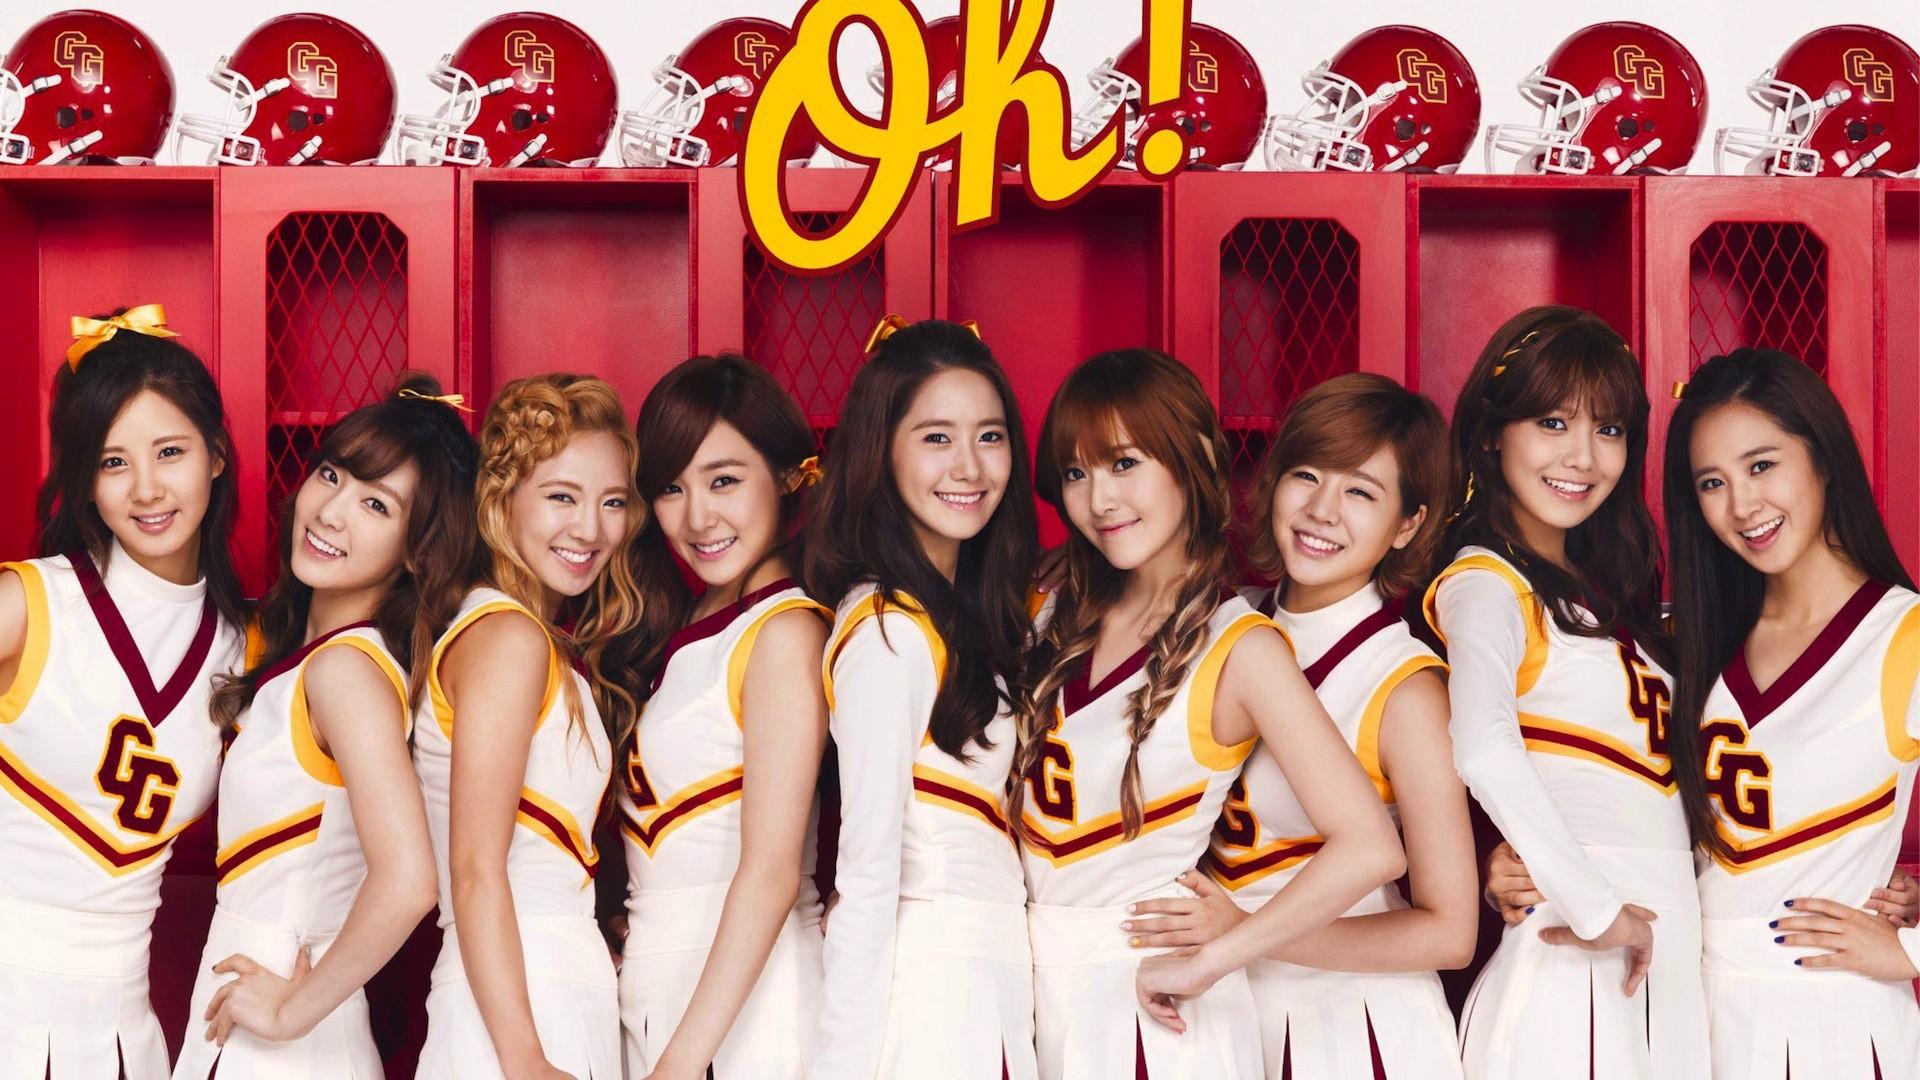 Khám phá sự thật thú vị về các Idol K-pop mà không phải ai cũng biết ảnh 4